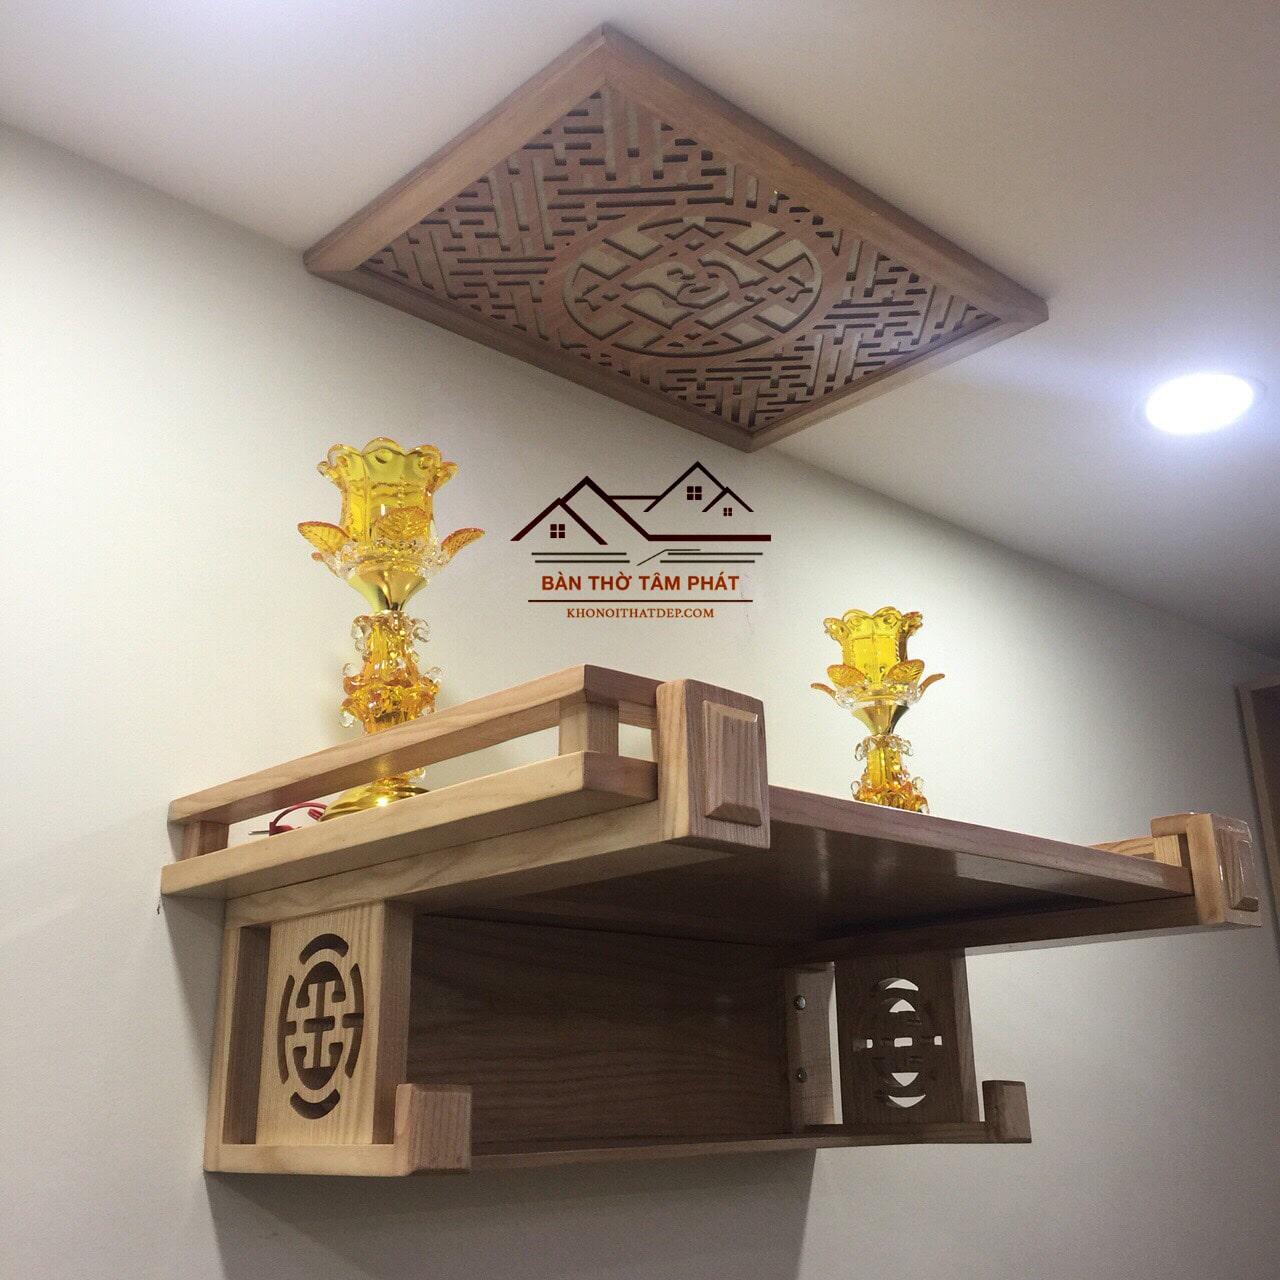 Xu hướng lựa chọn bàn thờ treo tường mang đậm phong cách truyền thống